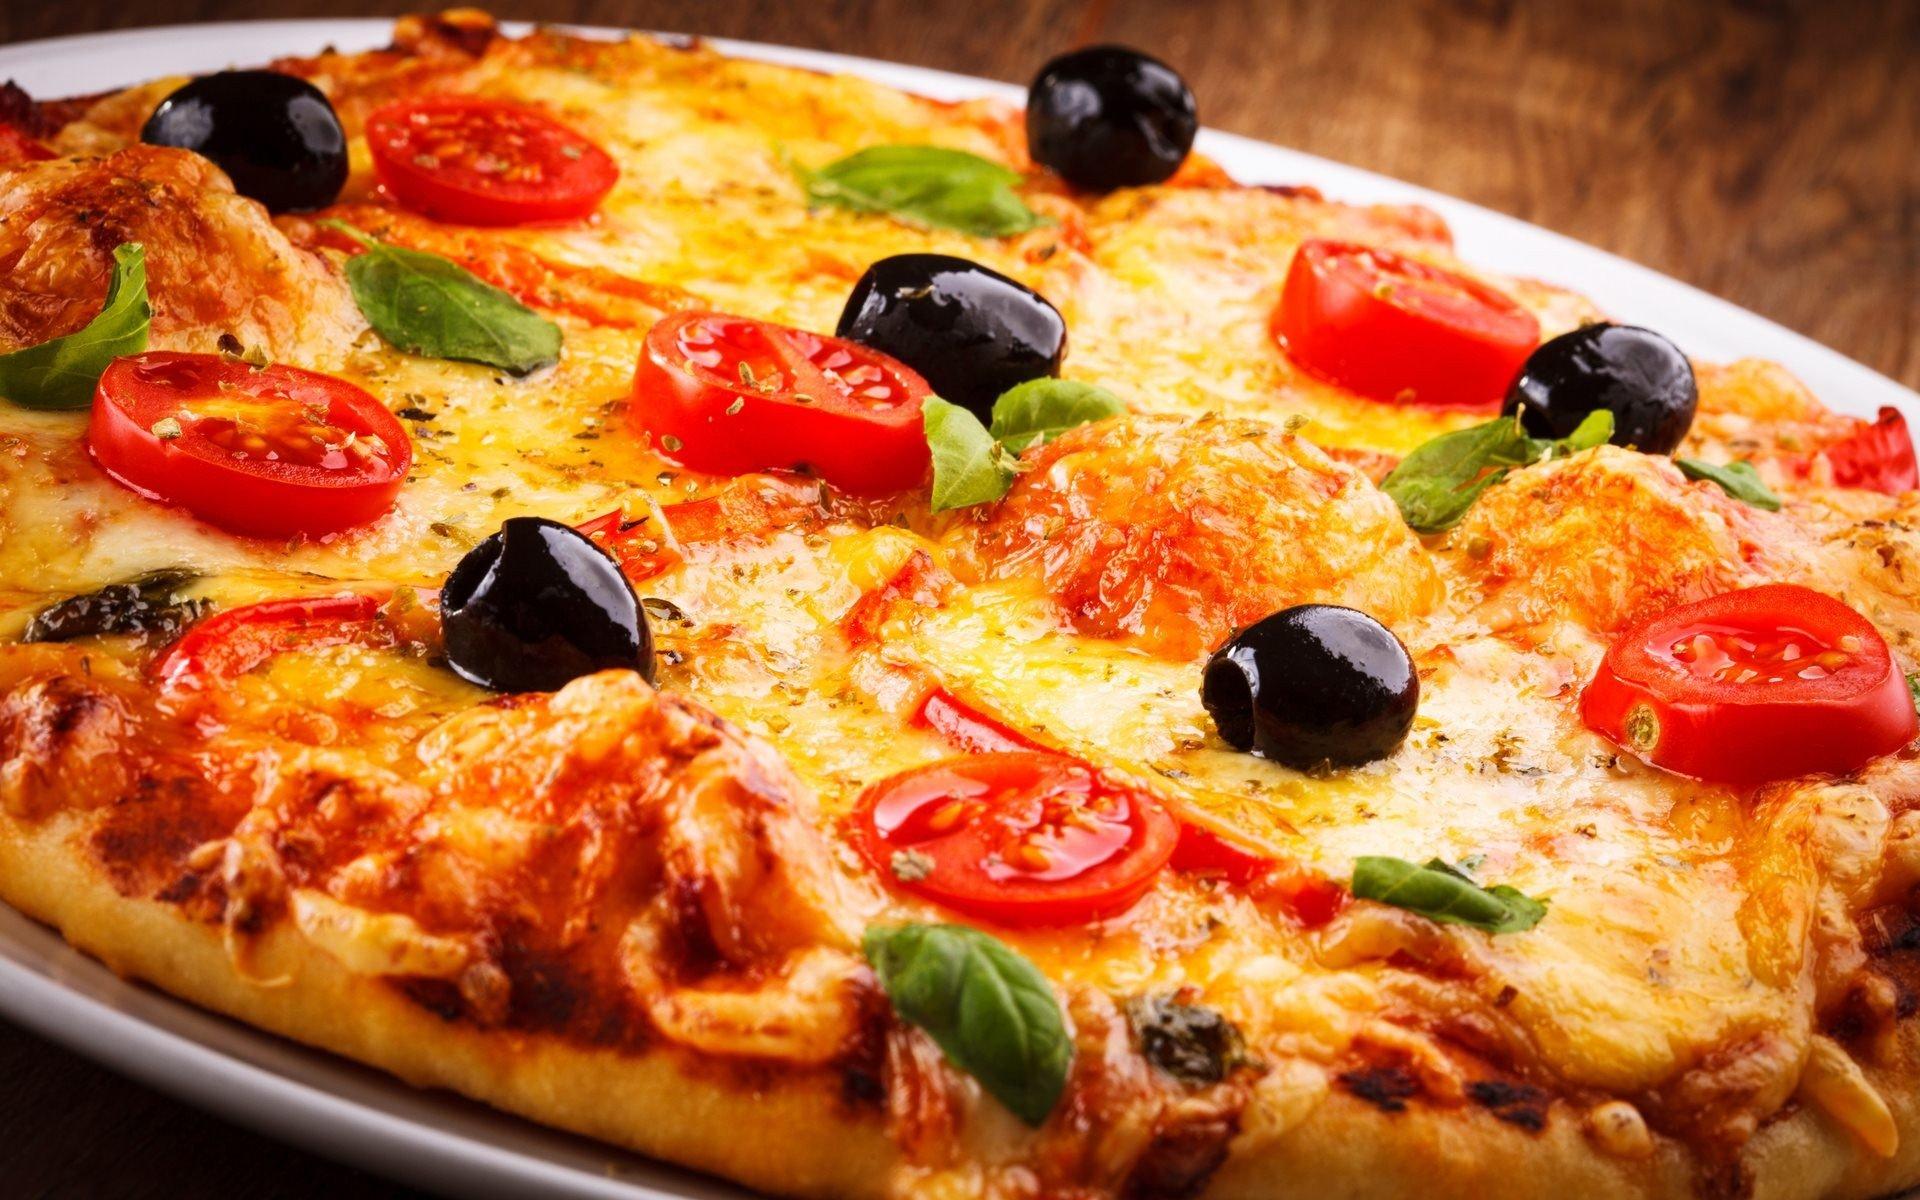 pizza pie lunch dinner wallpaper | 1920x1200 | 677830 | wallpaperup